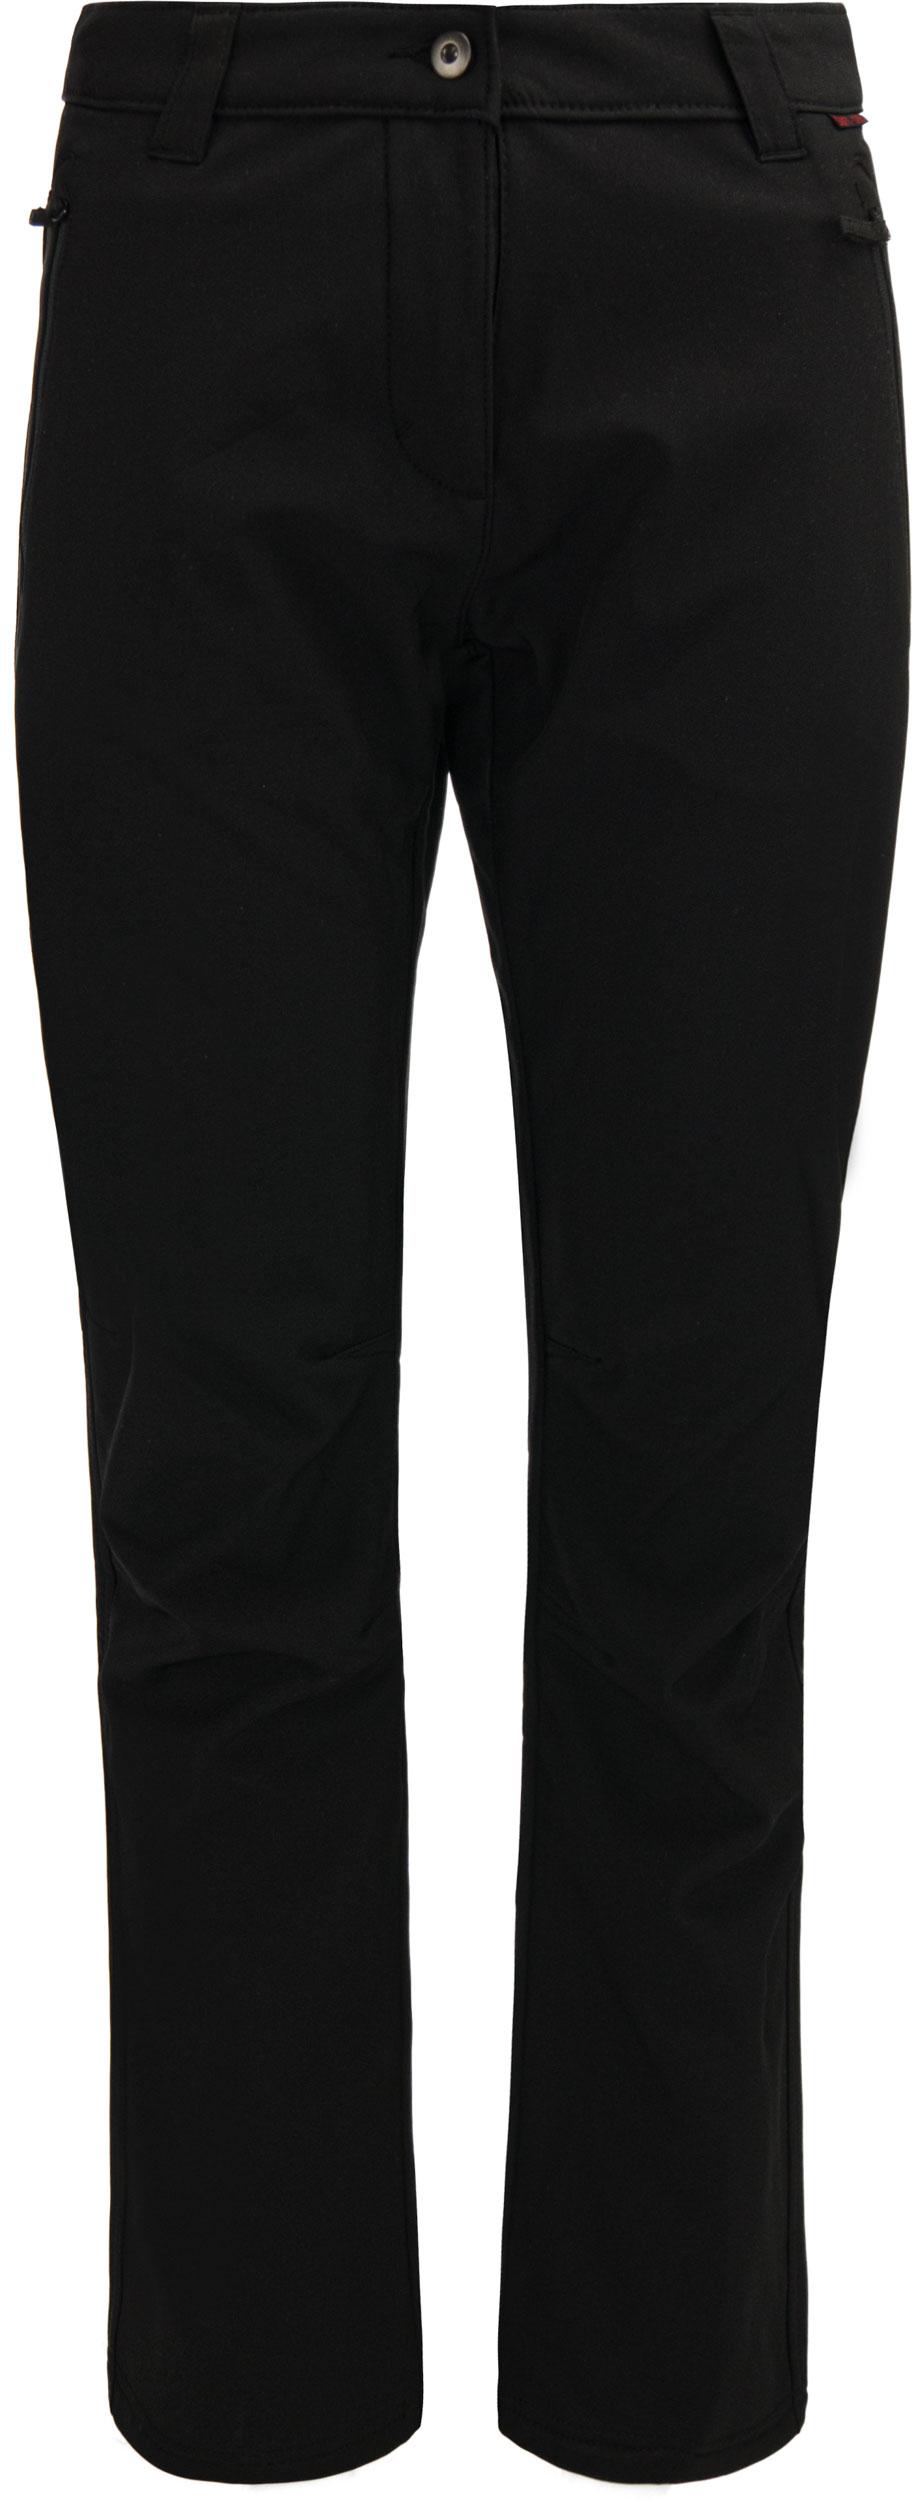 Dámské softshellové kalhoty ALPINE PRO SUNA